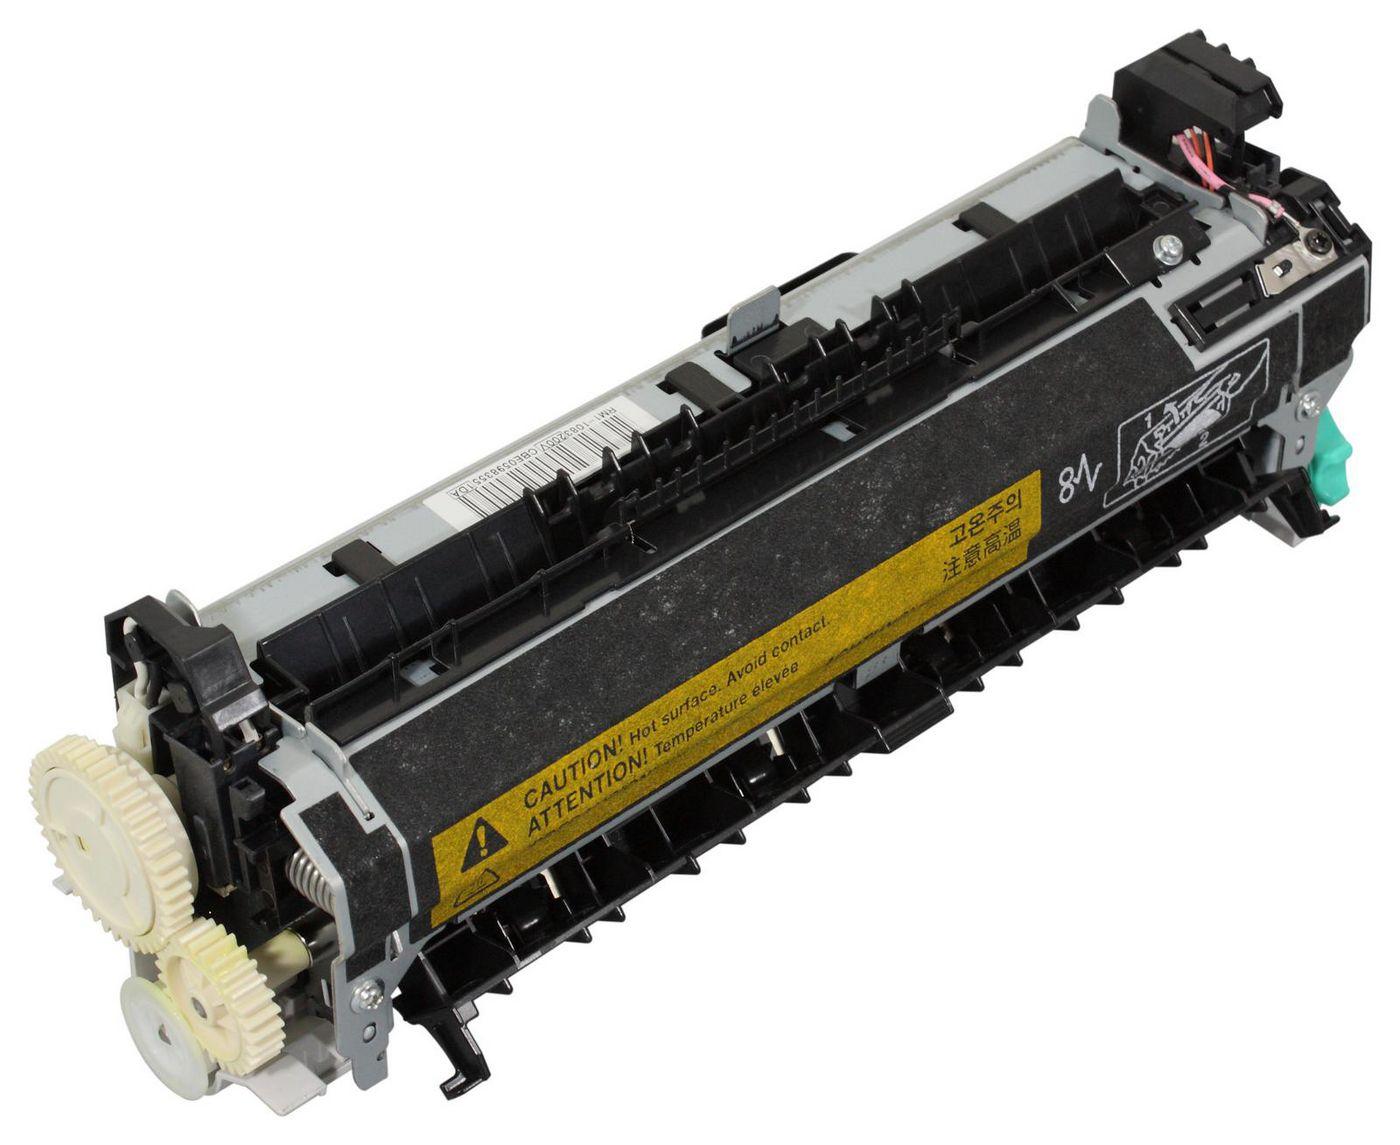 HP Fusing Unit HP LJ 4250/4350